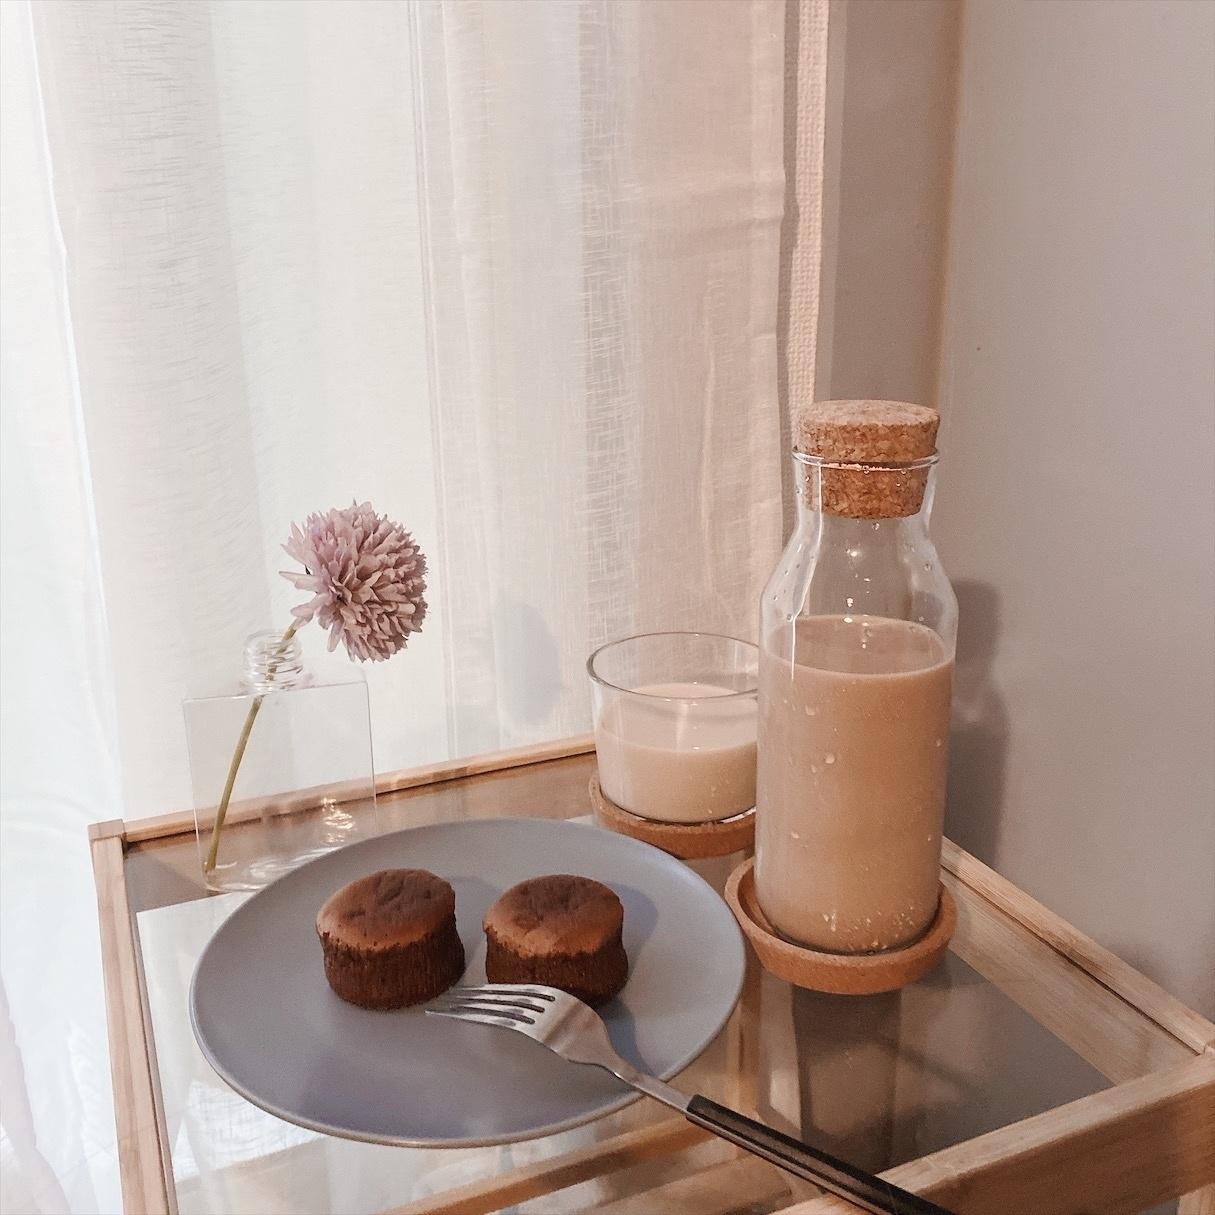 Photo Gallery|おうちカフェのおともに。可愛すぎる食器&グラス特集_1_4